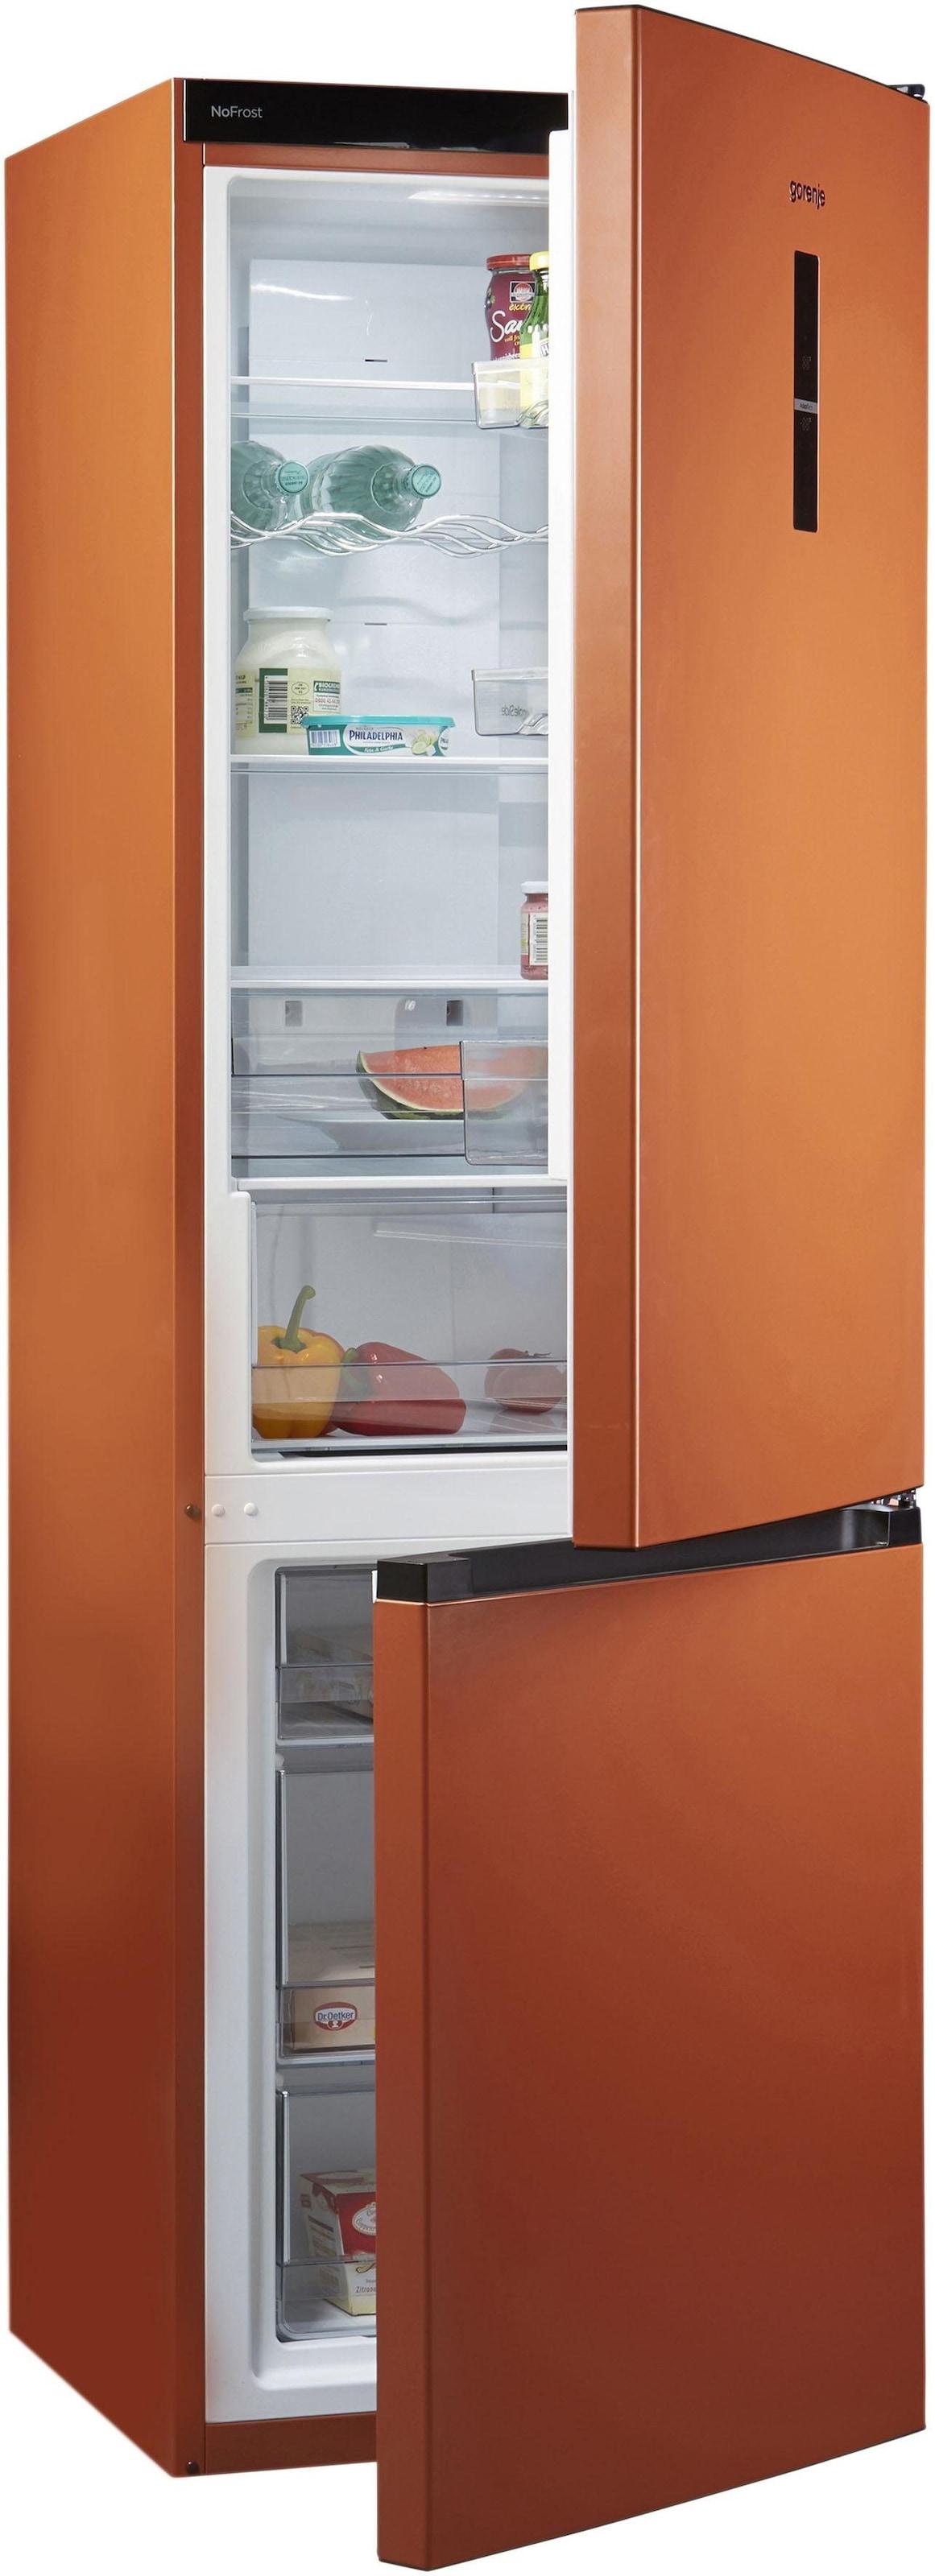 Gorenje Kühlschrank Ion Air : Gorenje kühl gefrierkombination cm hoch cm breit per